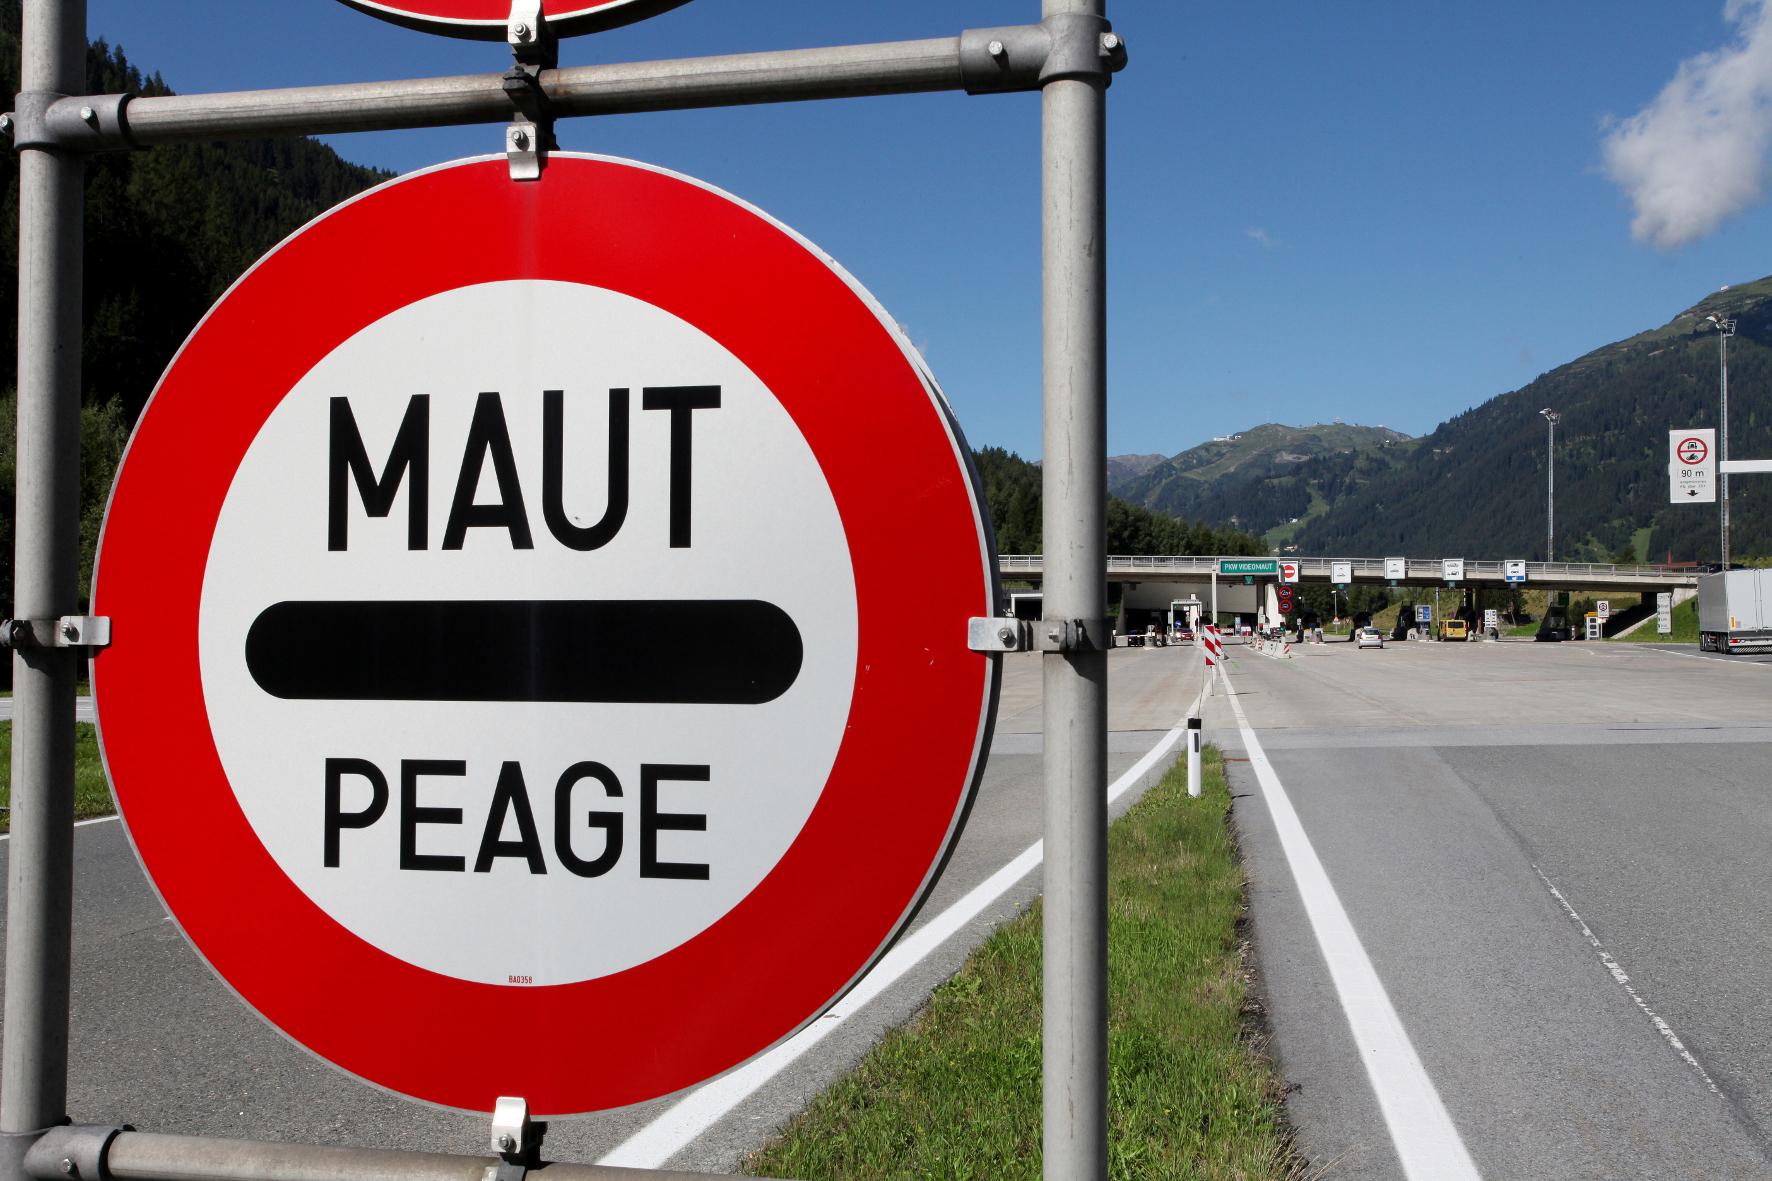 mid Groß-Gerau - Unbedingt beachten: Ignorieren Autofahrer die geltende Mautpflicht, droht teils ein drastisches Bußgeld.